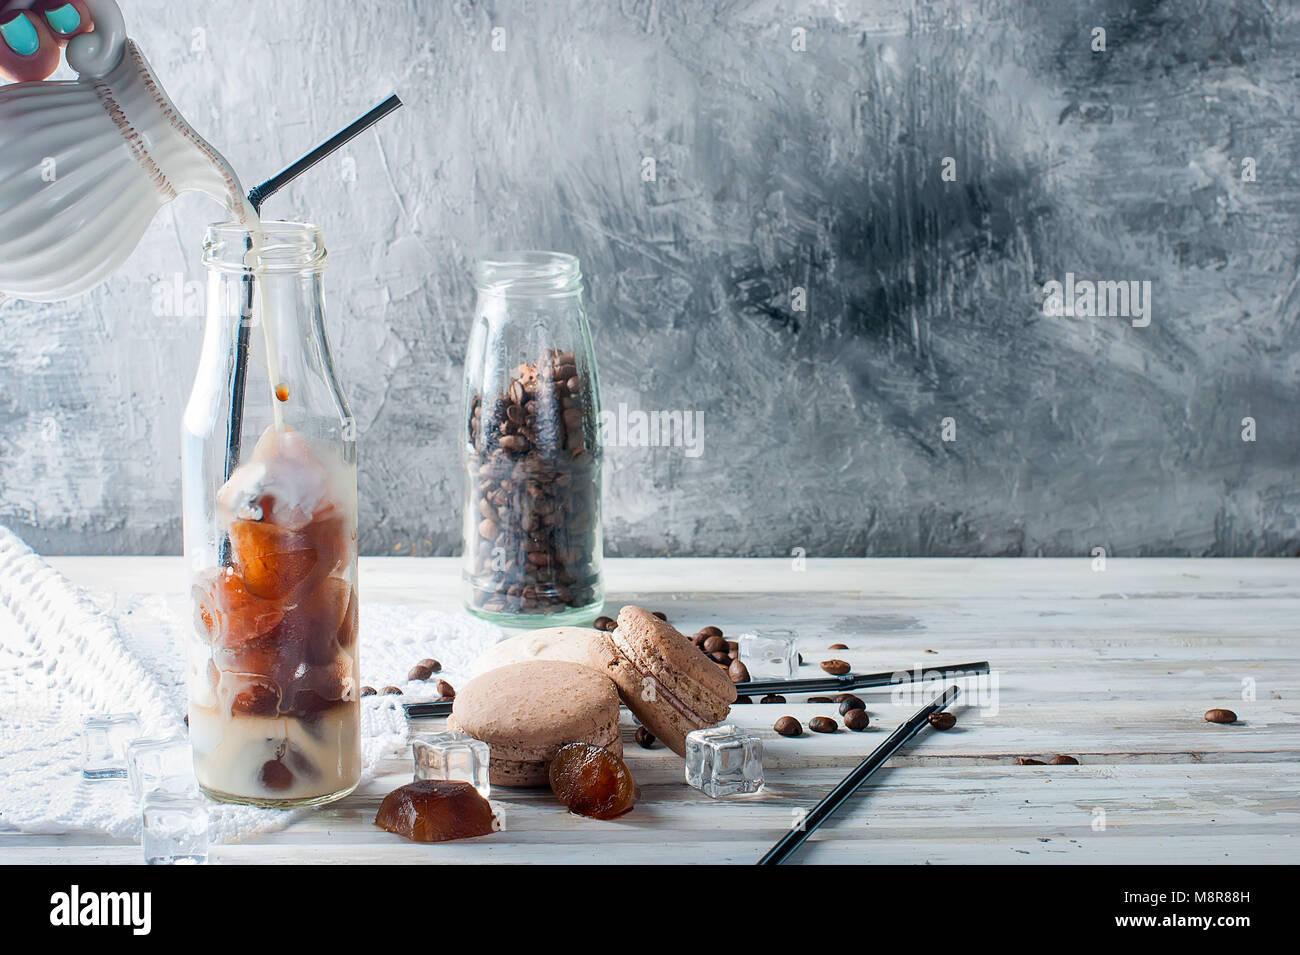 Il caffè di ghiaccio in bottiglia, amaretti,, pezzi di cioccolato e chicchi di caffè al buio su un tavolo Immagini Stock